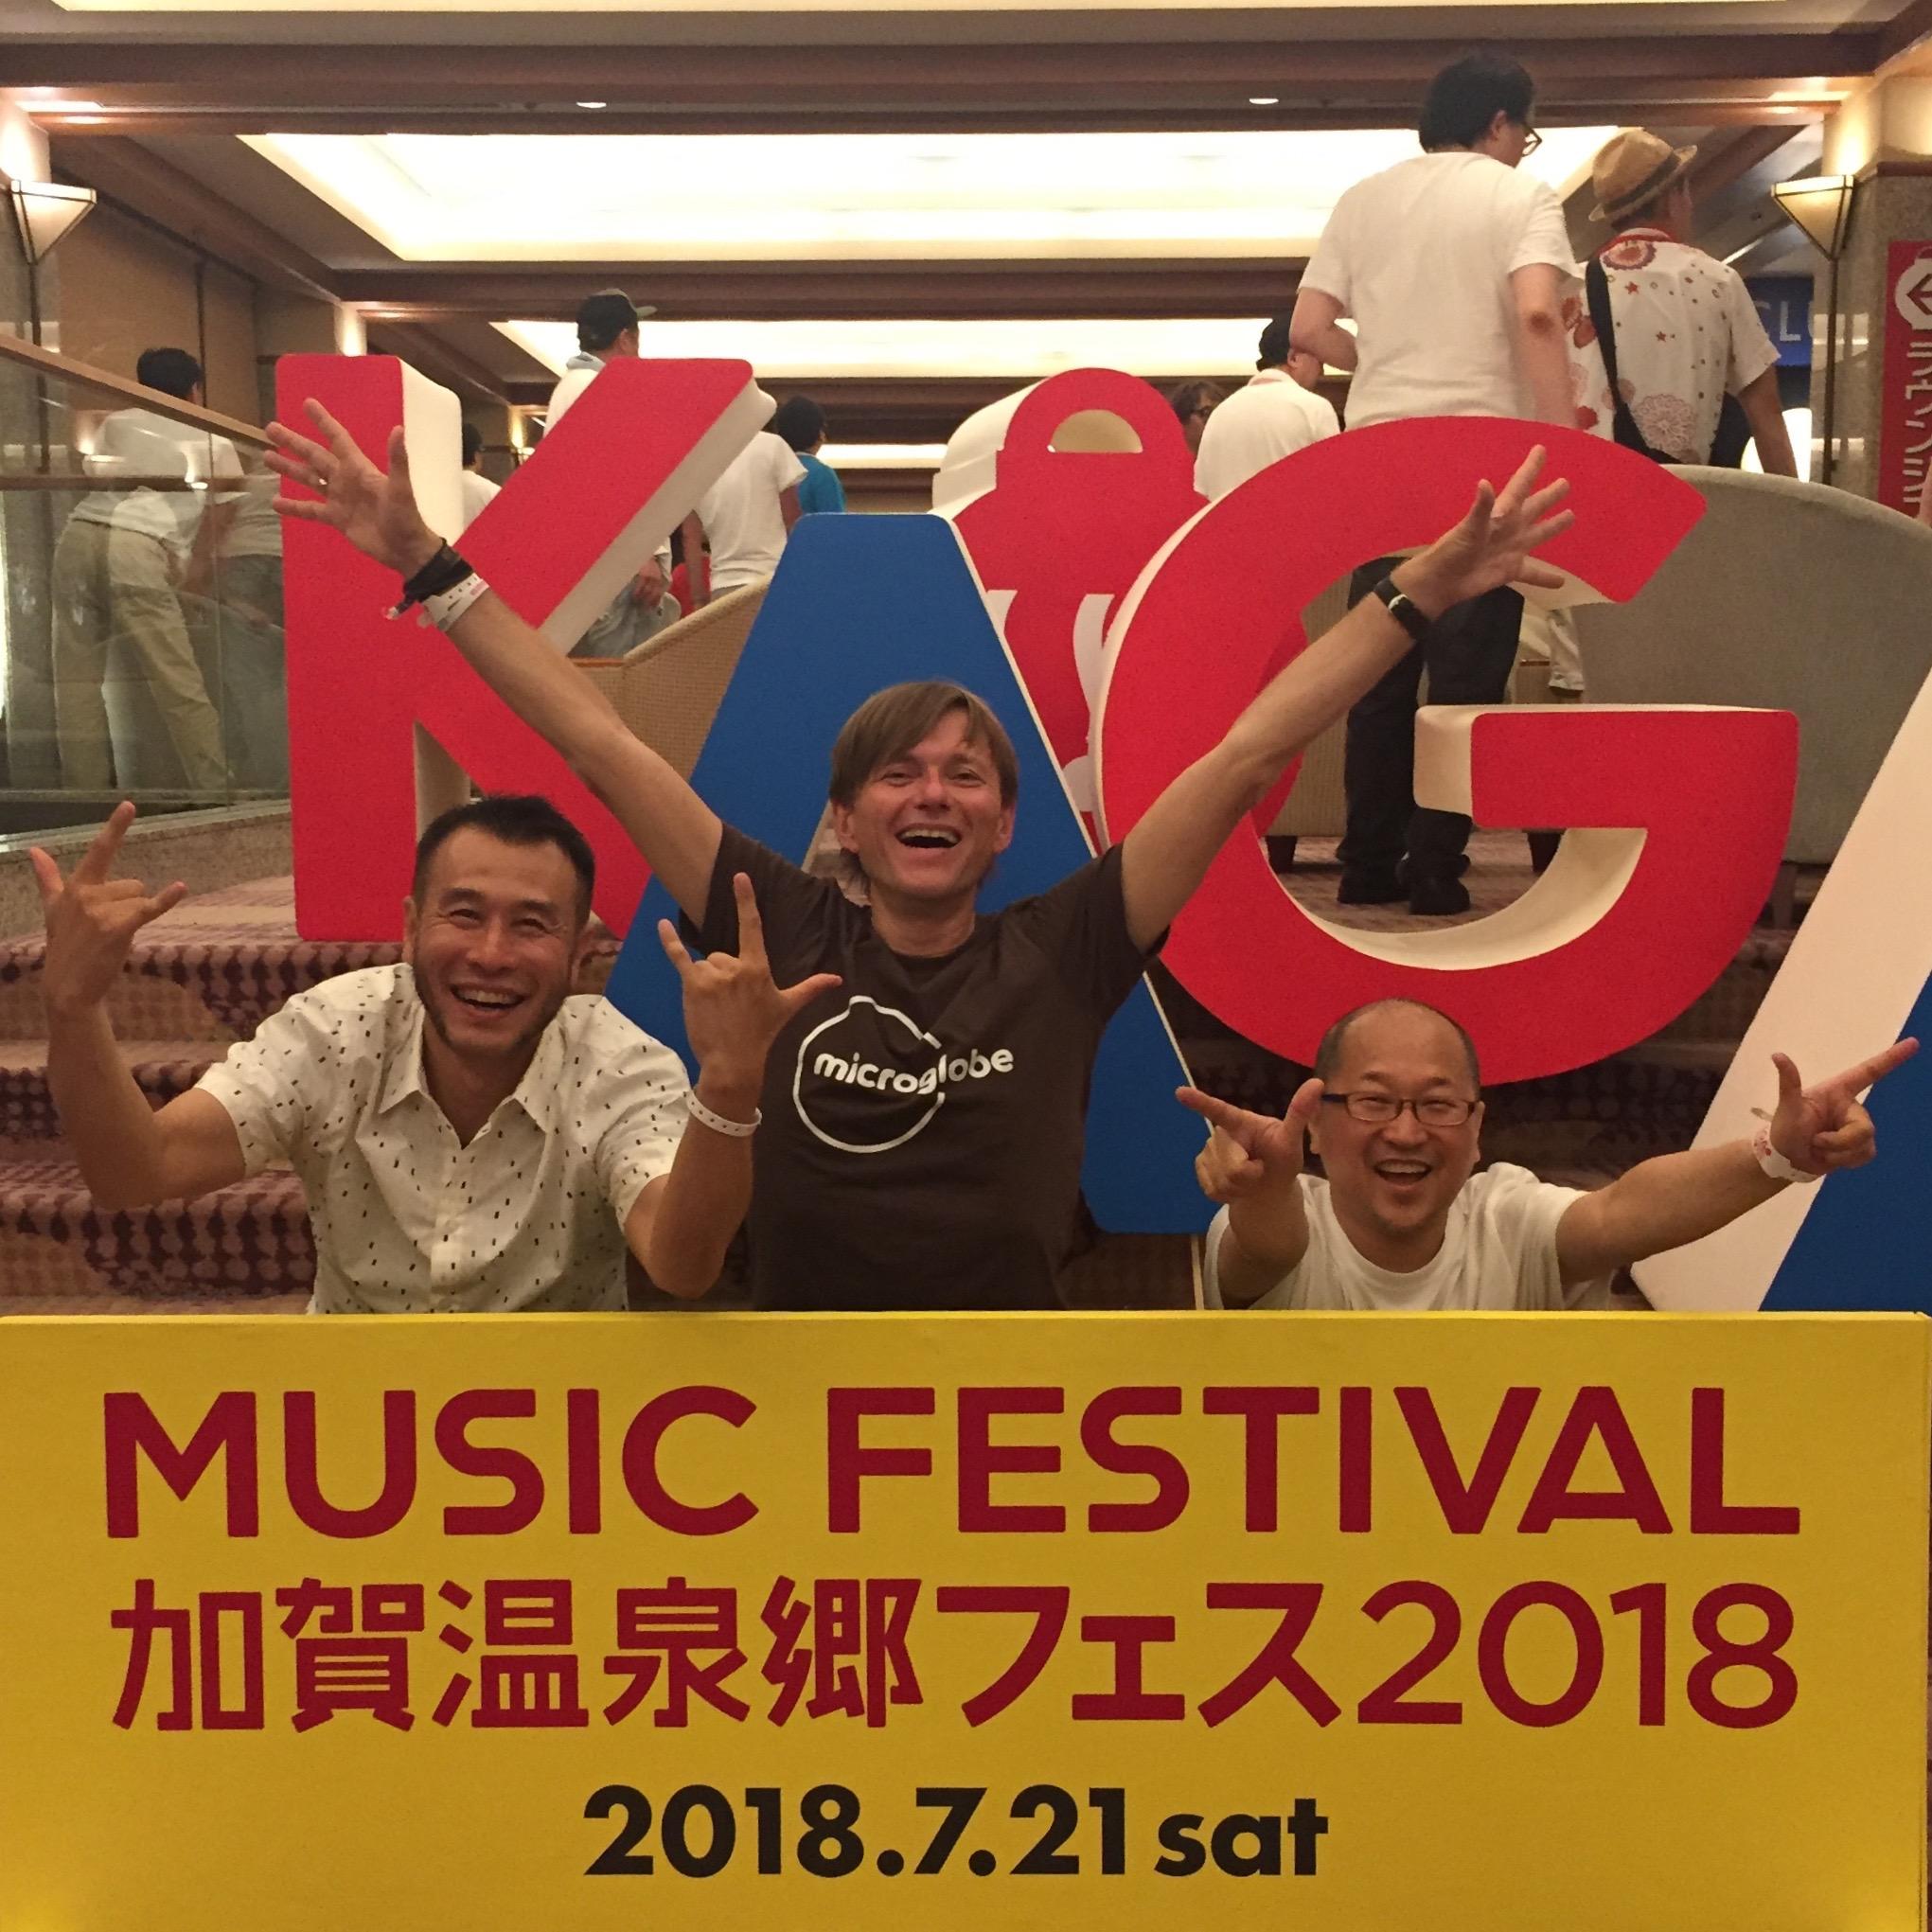 Kaga Festival Japan